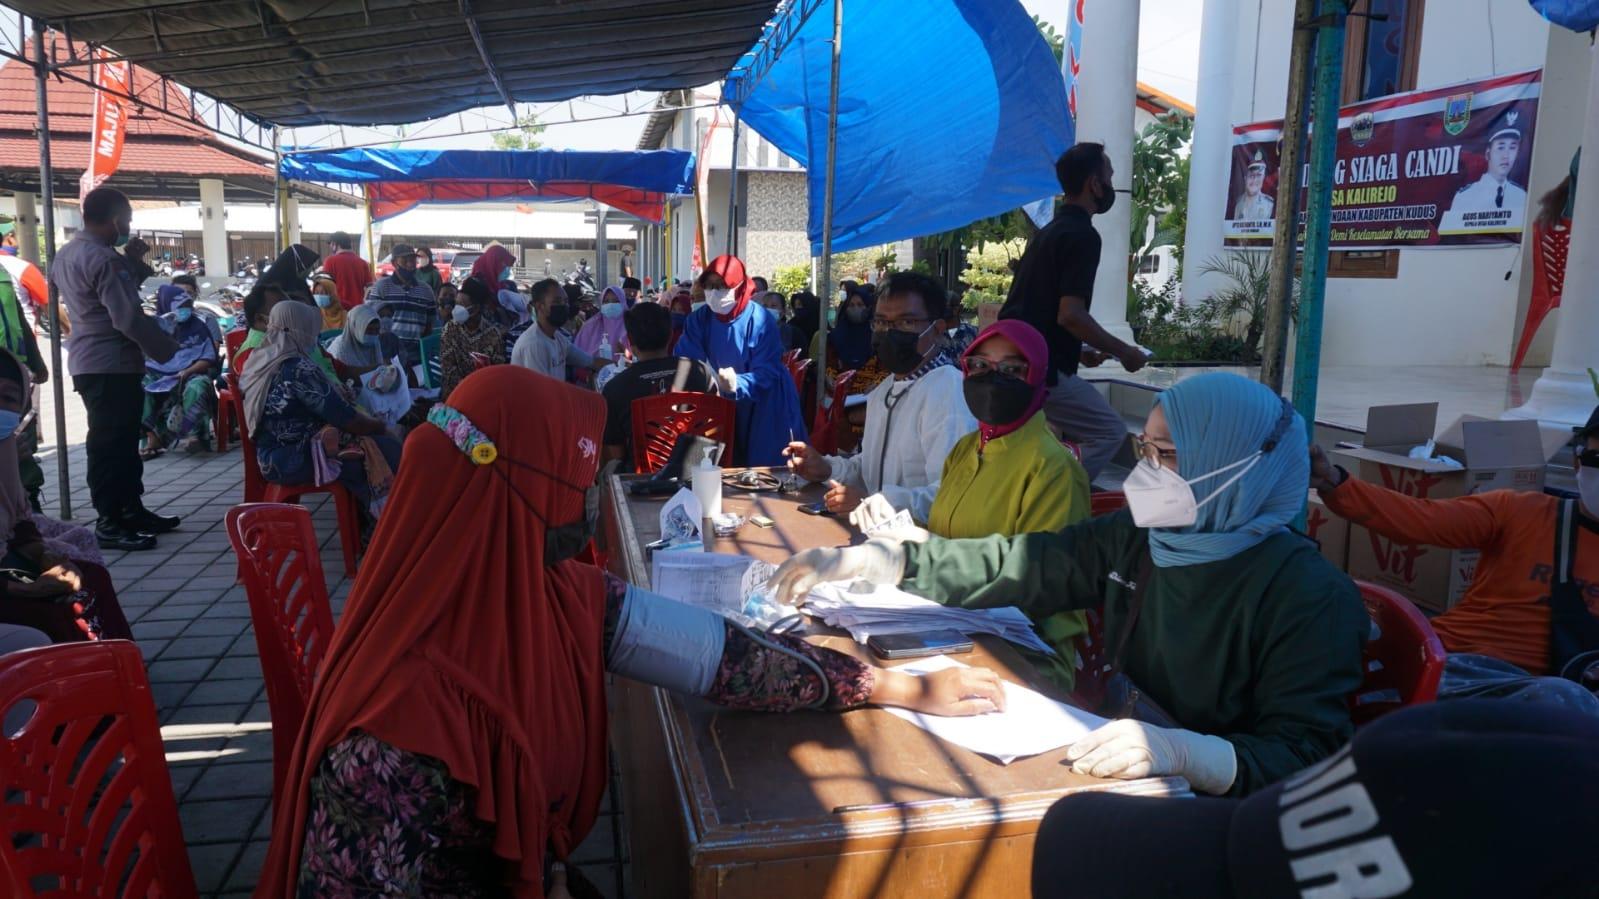 ISTIMEWA PENGECEKAN: Petugas vaksinator tengah mengecek kondisi kesehatan warga yang akan menerima vaksin Covid-19 di Desa Kalirejo, Kecamatan Undaan, Kabupaten Kudus, Sabtu (4/9).